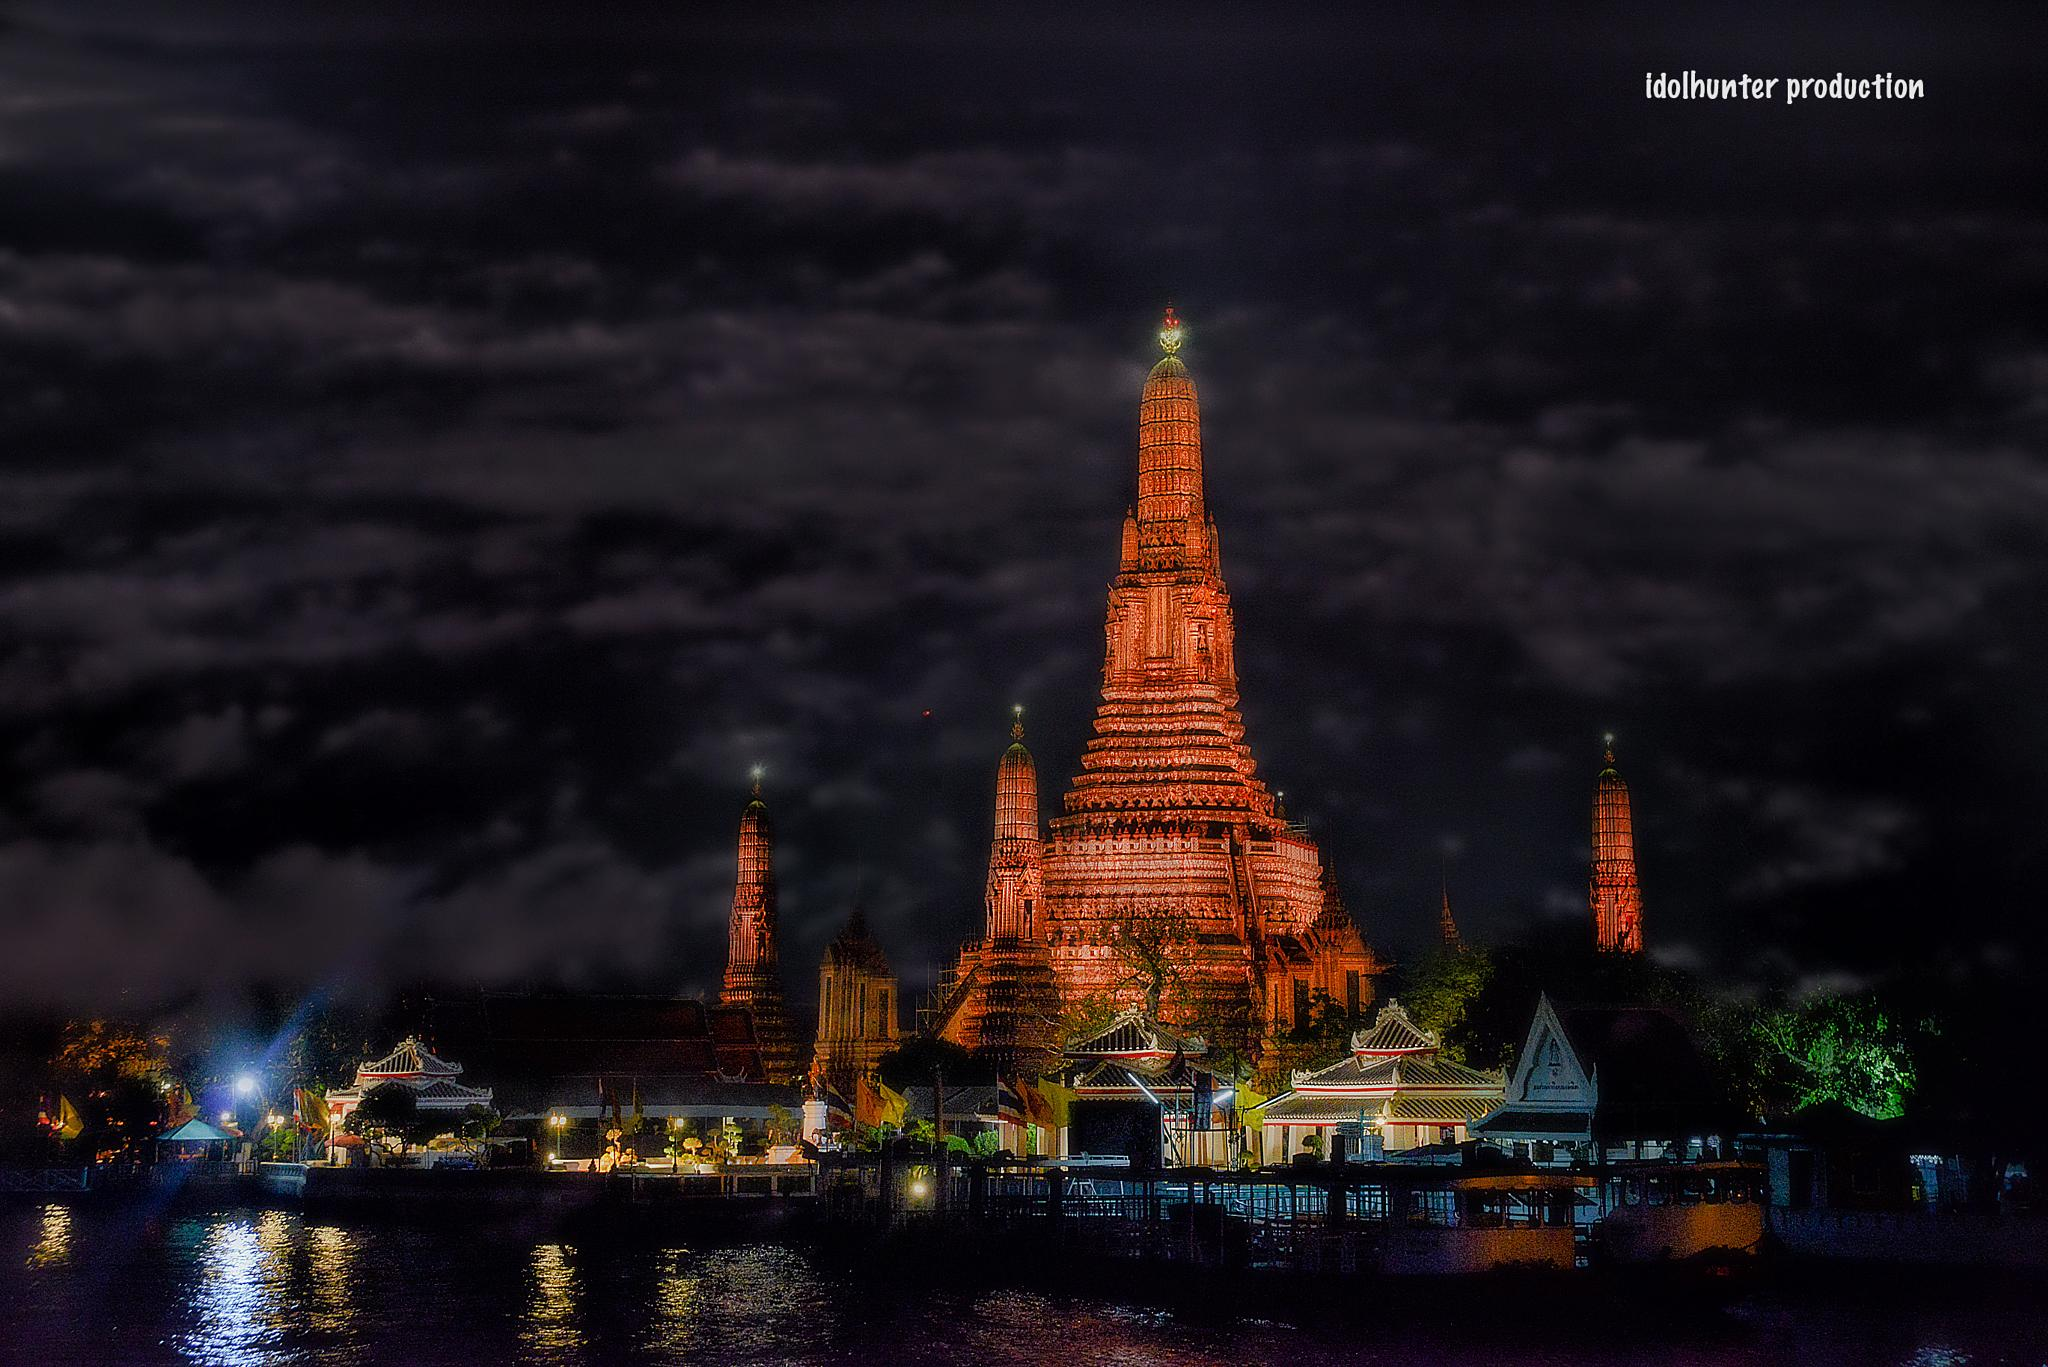 Wat Arun viewed from the Chao Phraya river, Bangkok by idolhunter